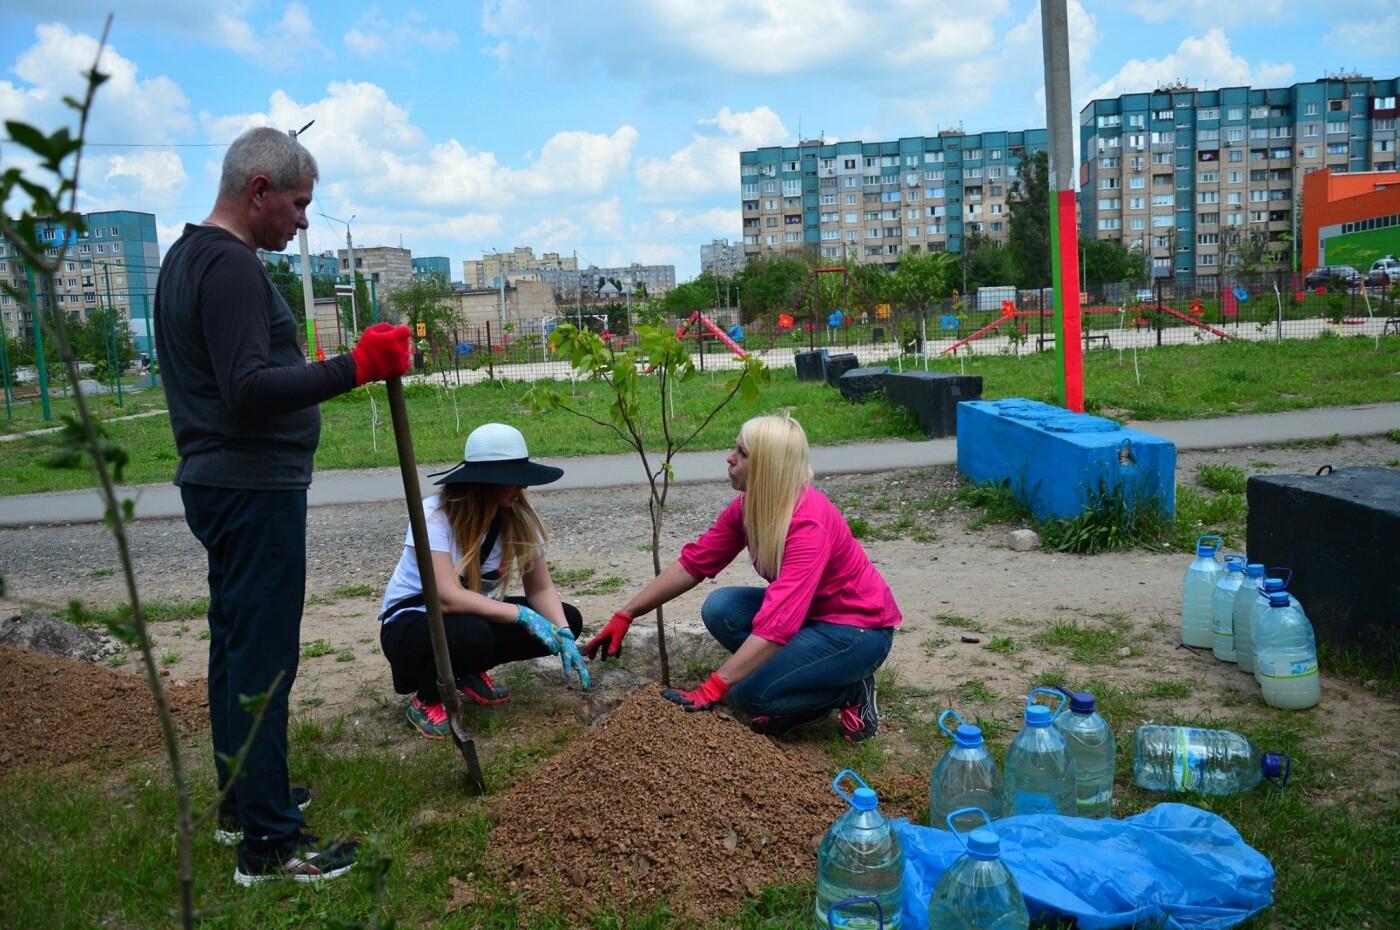 В Кривом Роге появился живой памятник людям, которые умерли из-за СПИДа, - ФОТО , фото-17